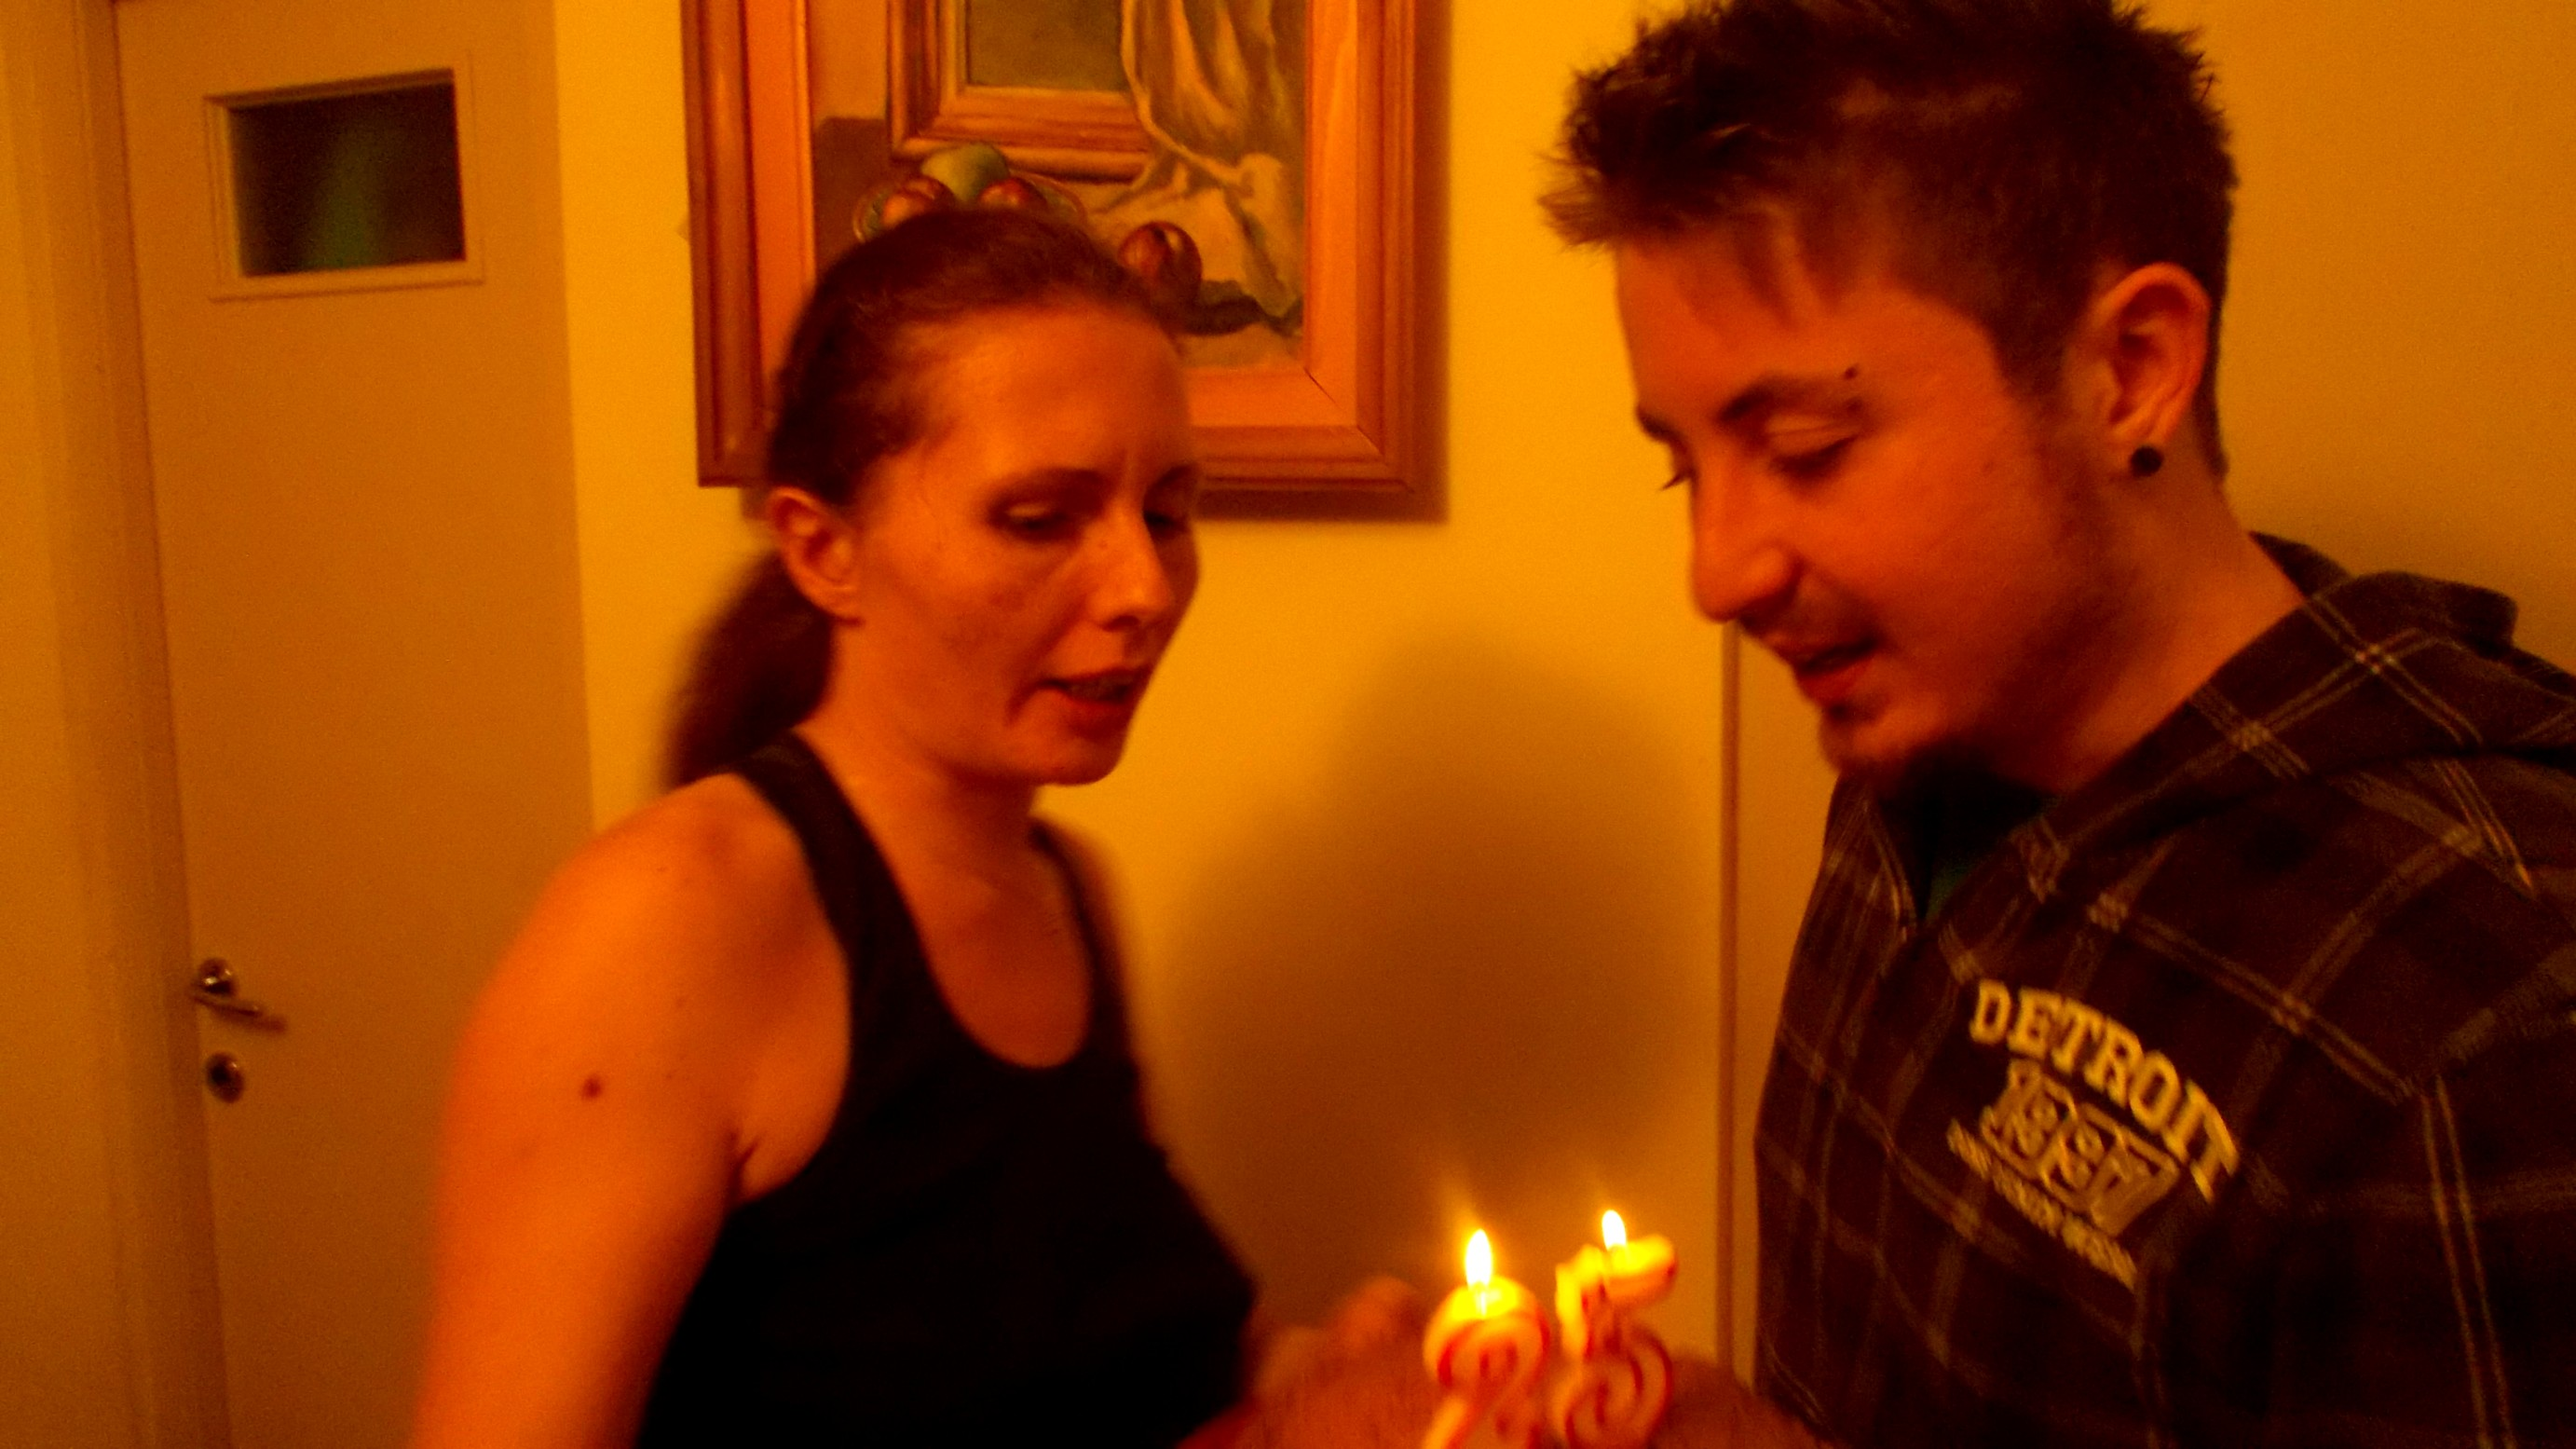 Andi, suflând în lumânări, ajutat de Cozmina